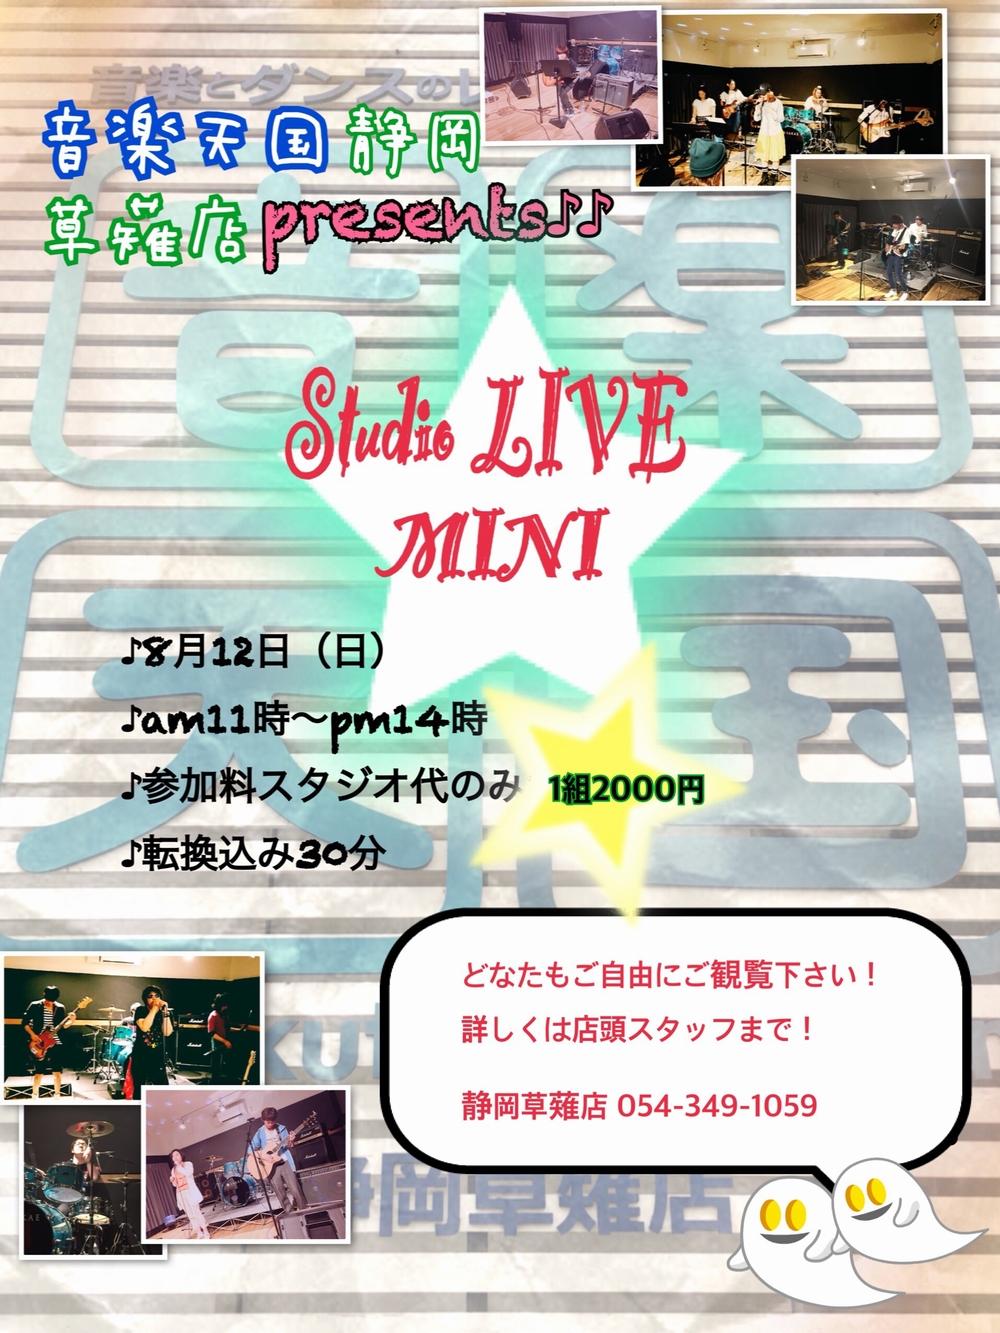 【スタジオライブ】音楽天国・静岡草薙店8月12日(日)開催